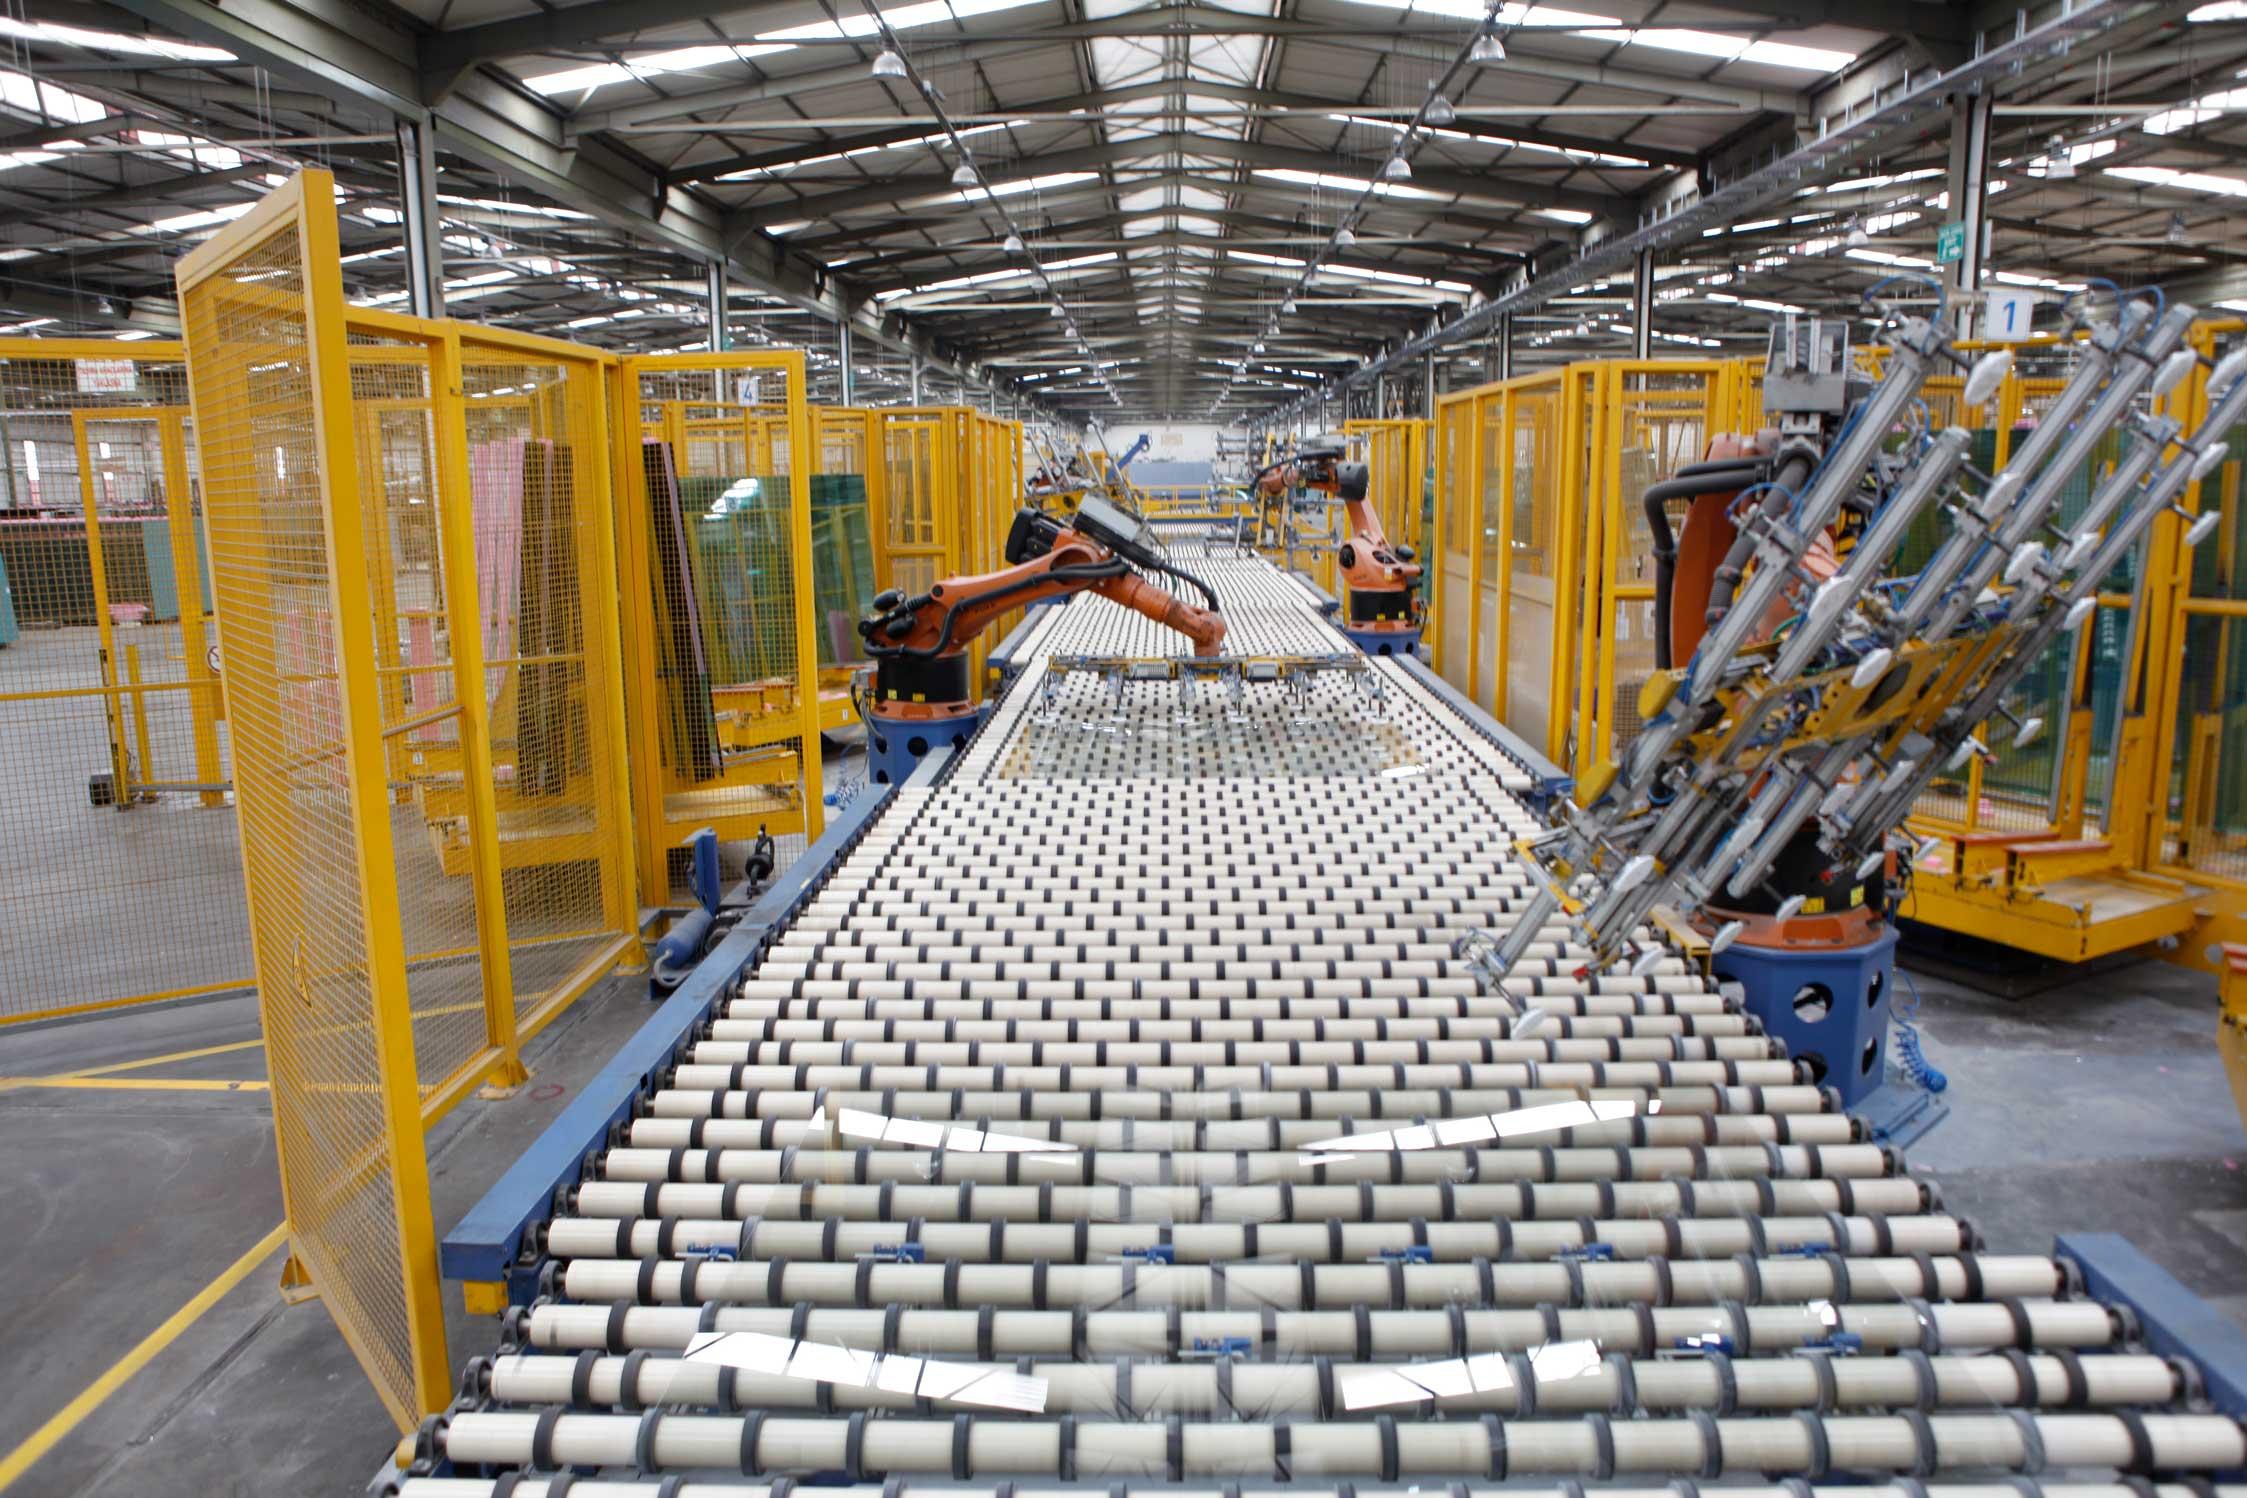 Şişecam'ın ilk çeyrekteki net satışları 5,7 milyar TL